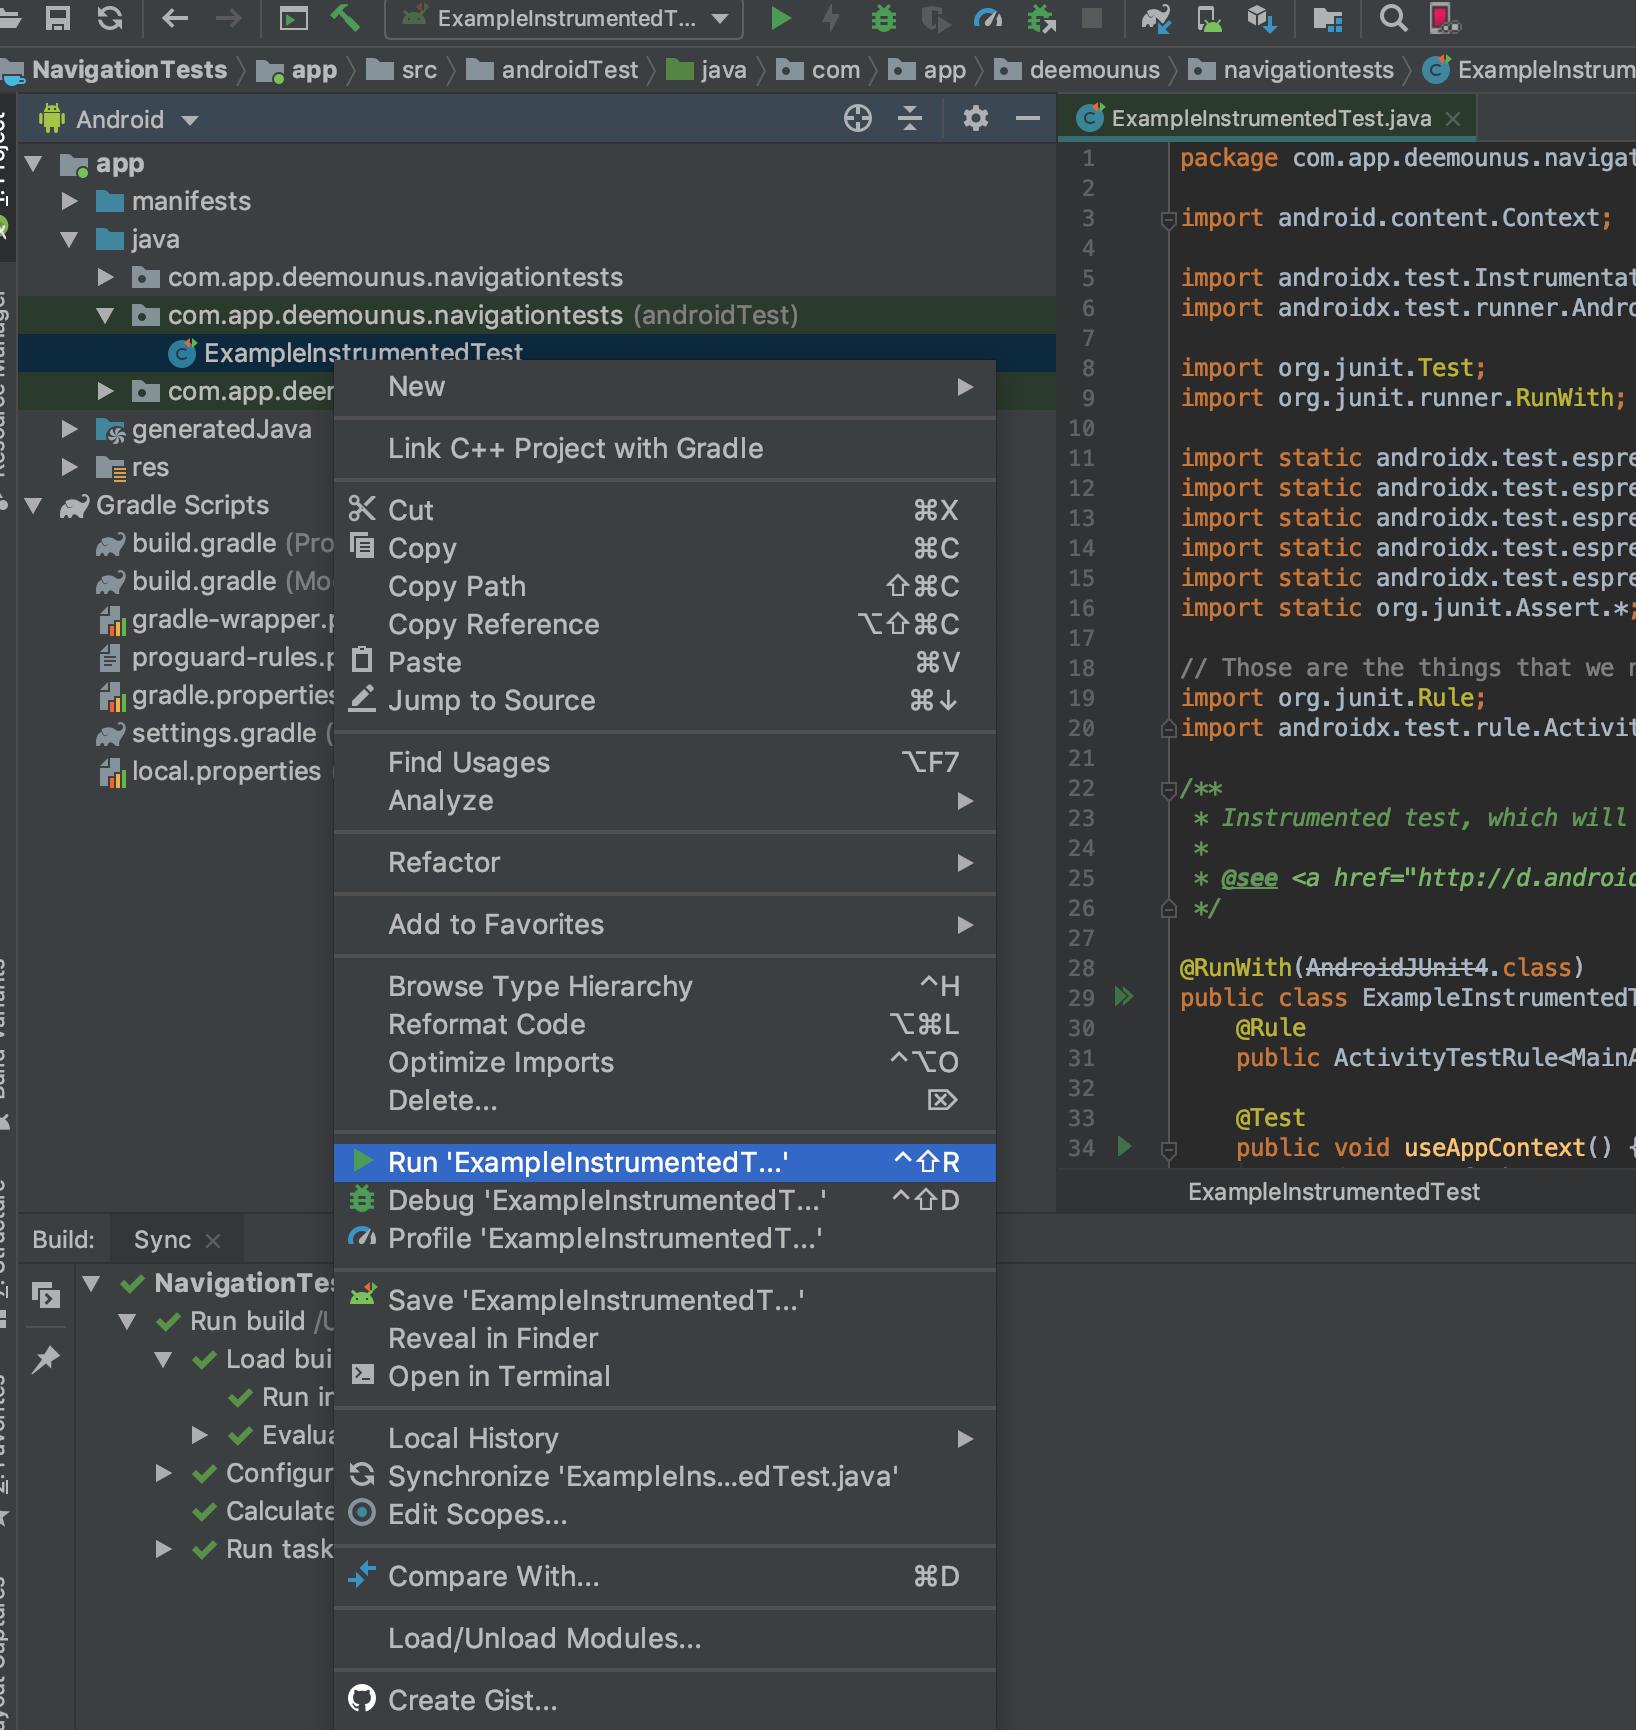 Автоматизация Android. Супер простое руководство по созданию первого Espresso-теста - 9